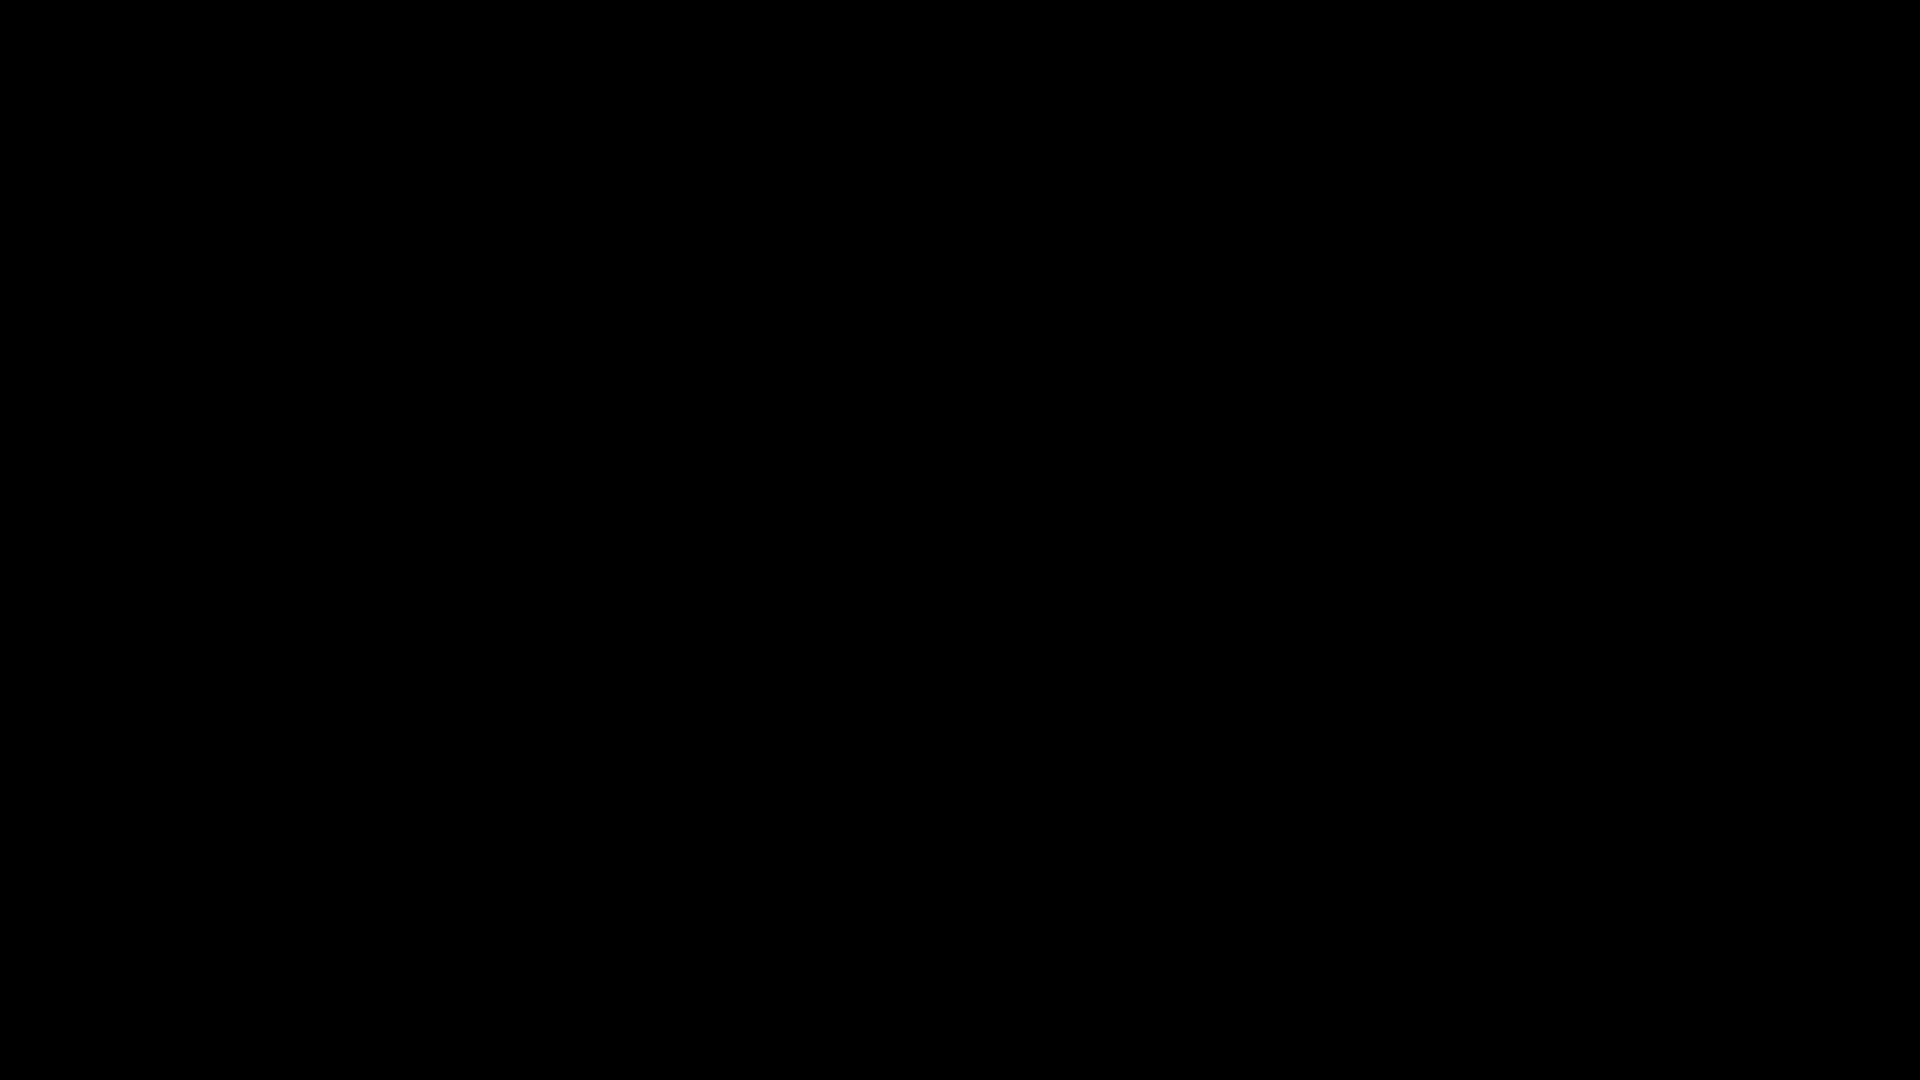 agar.io, agar.io troll, agario, agario trolling, agario world record, awesome moments, destroying teams solo in agario, slitherio, smash agario, snake troll, solo agar.io gameplays, wormate.io, Agar.io - IMPOSSIBLE SPLIT?! INSANE SOLO AGARIO GAMEPLAYS GIFs